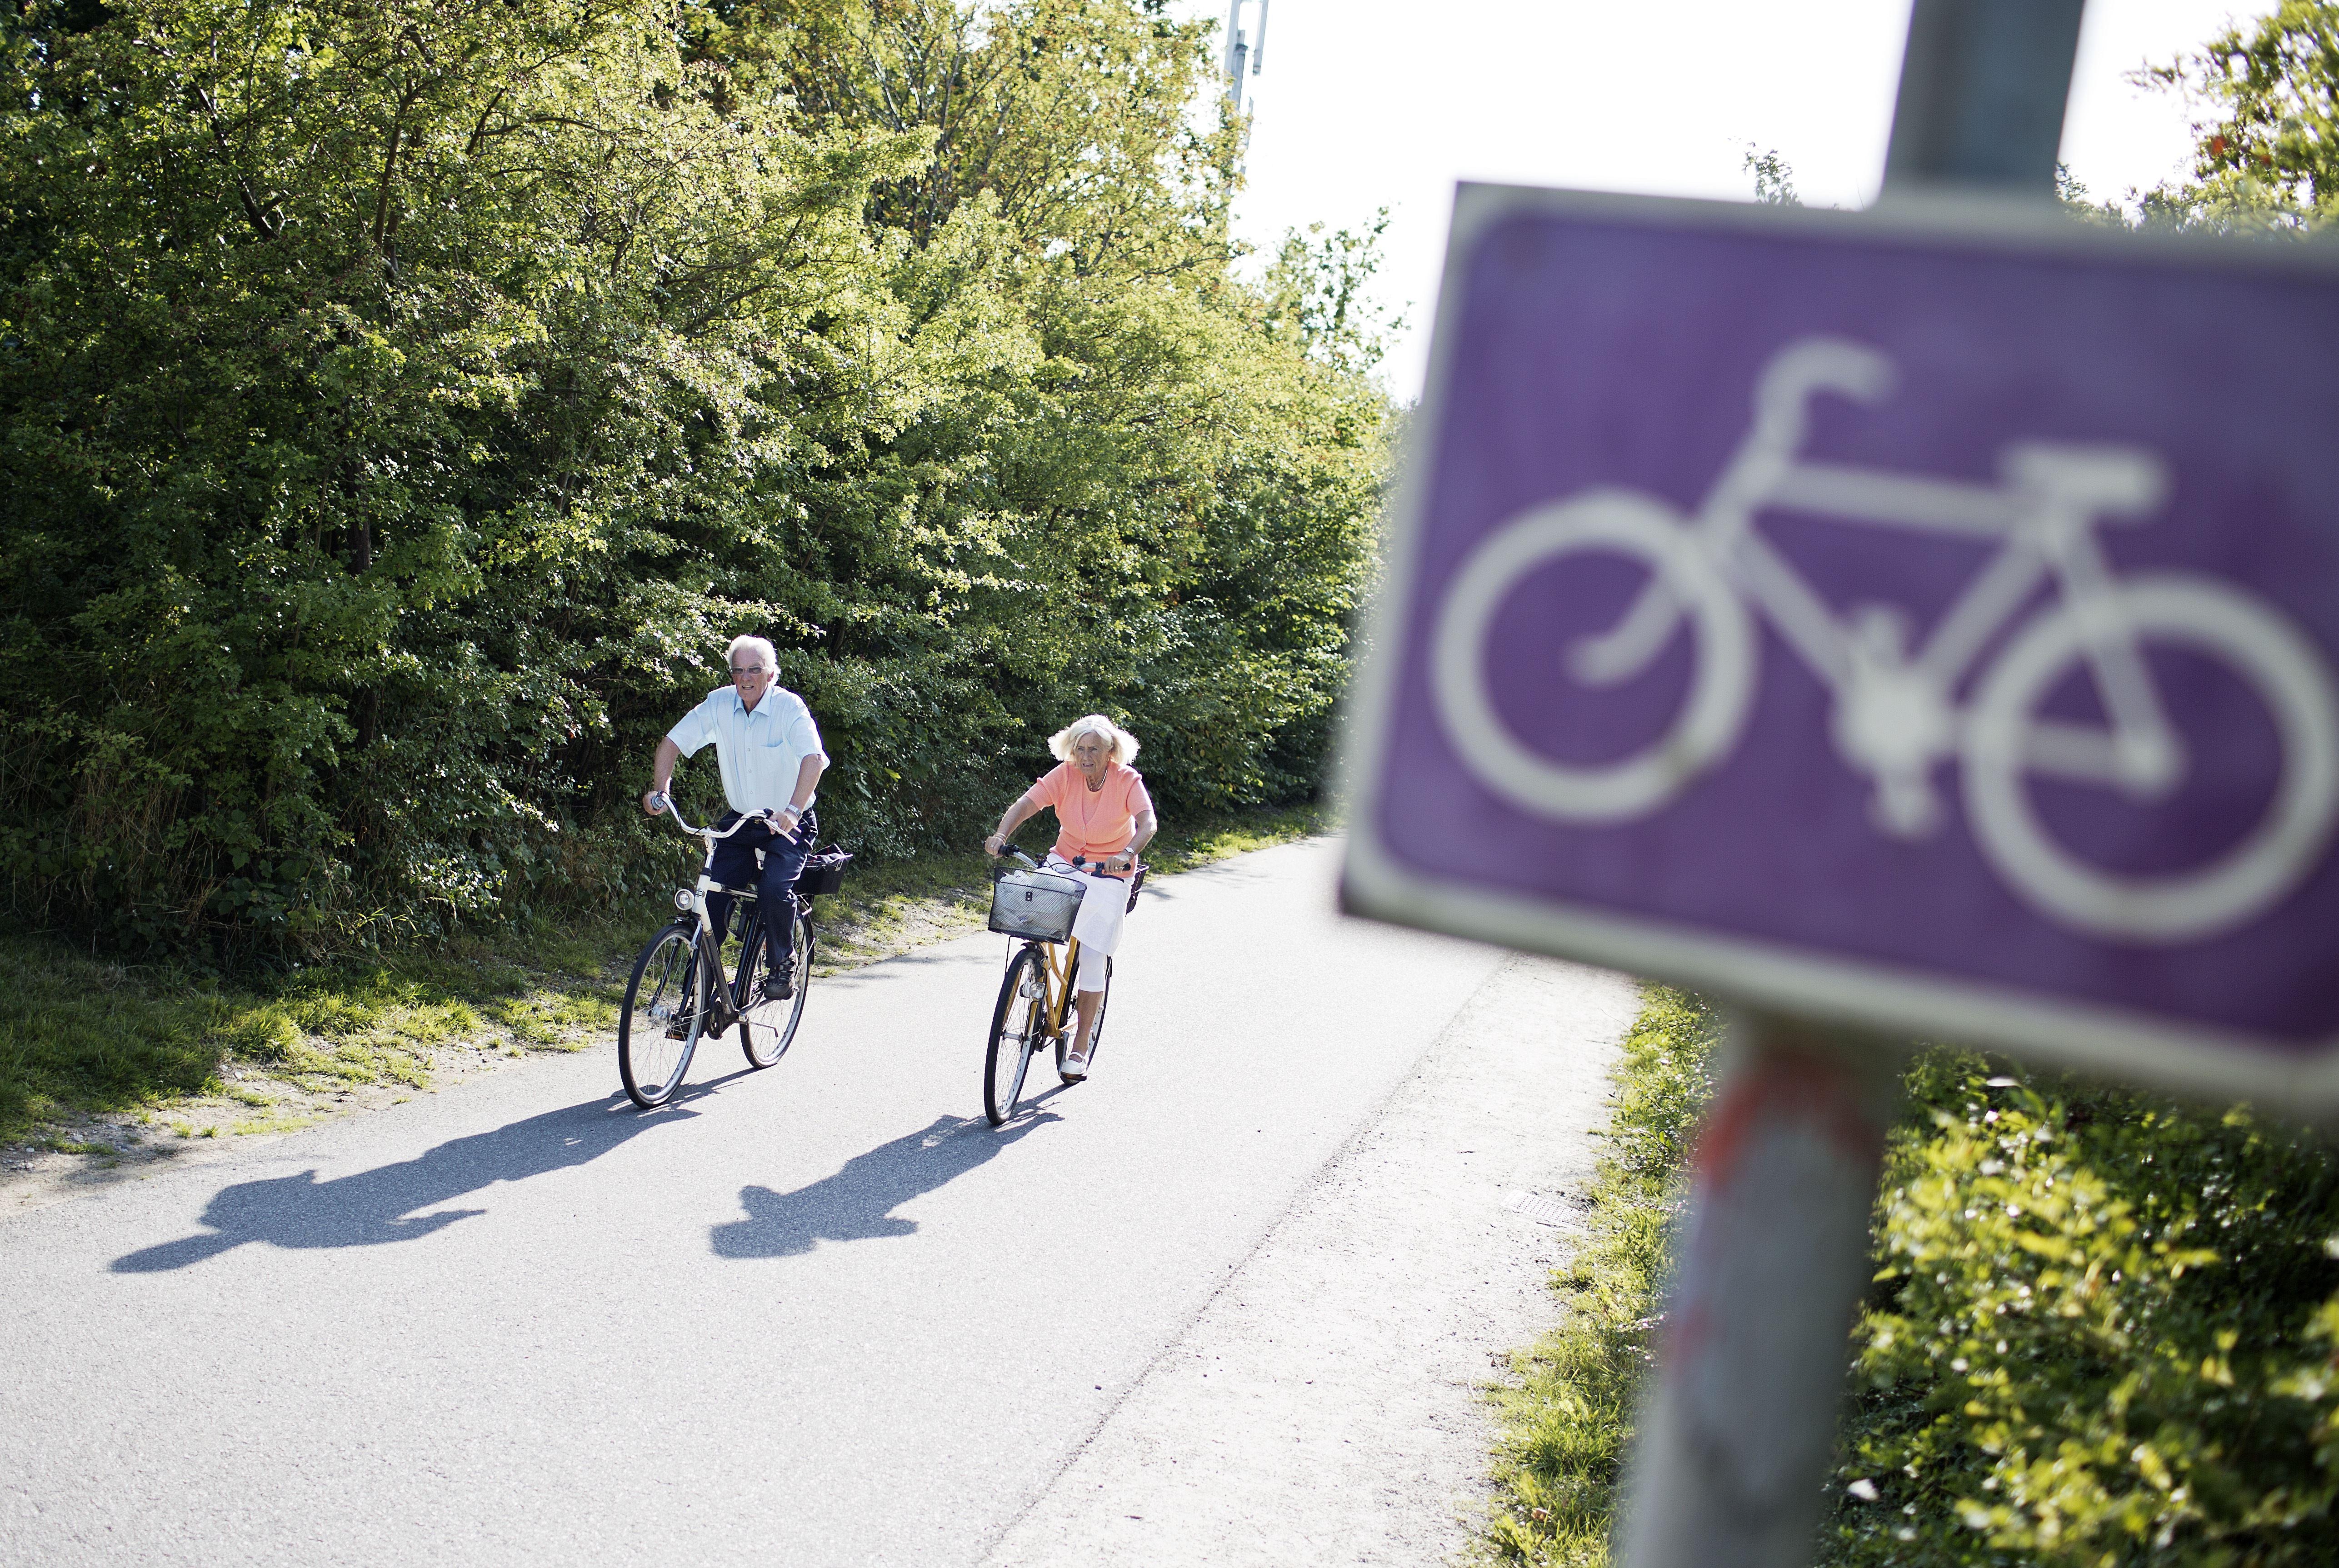 Leif Johansson, Xrayfoto, Mit dem Fahrrad in die Wikingerzeit